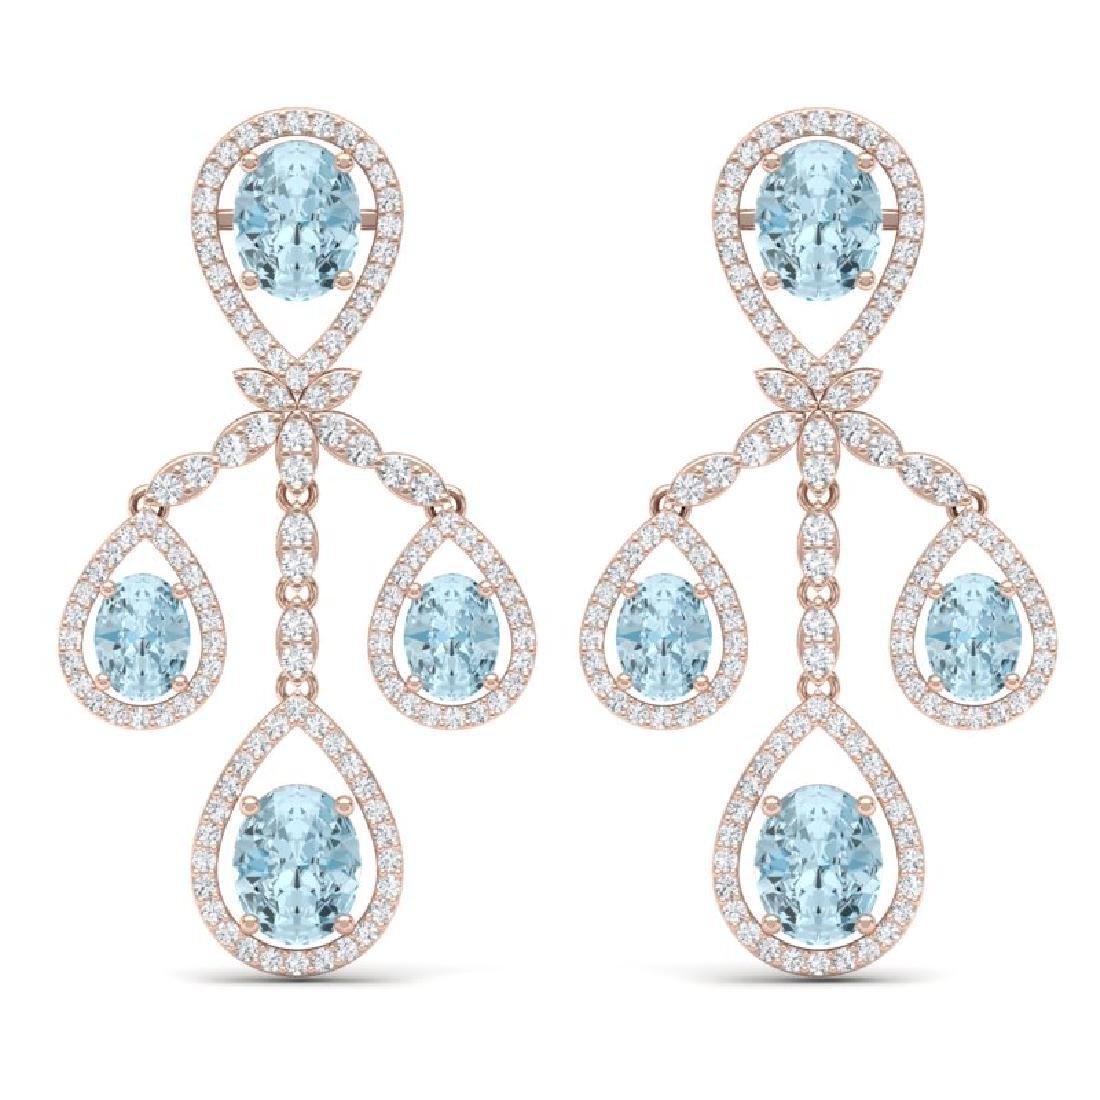 25.94 CTW Royalty Sky Topaz & VS Diamond Earrings 18K